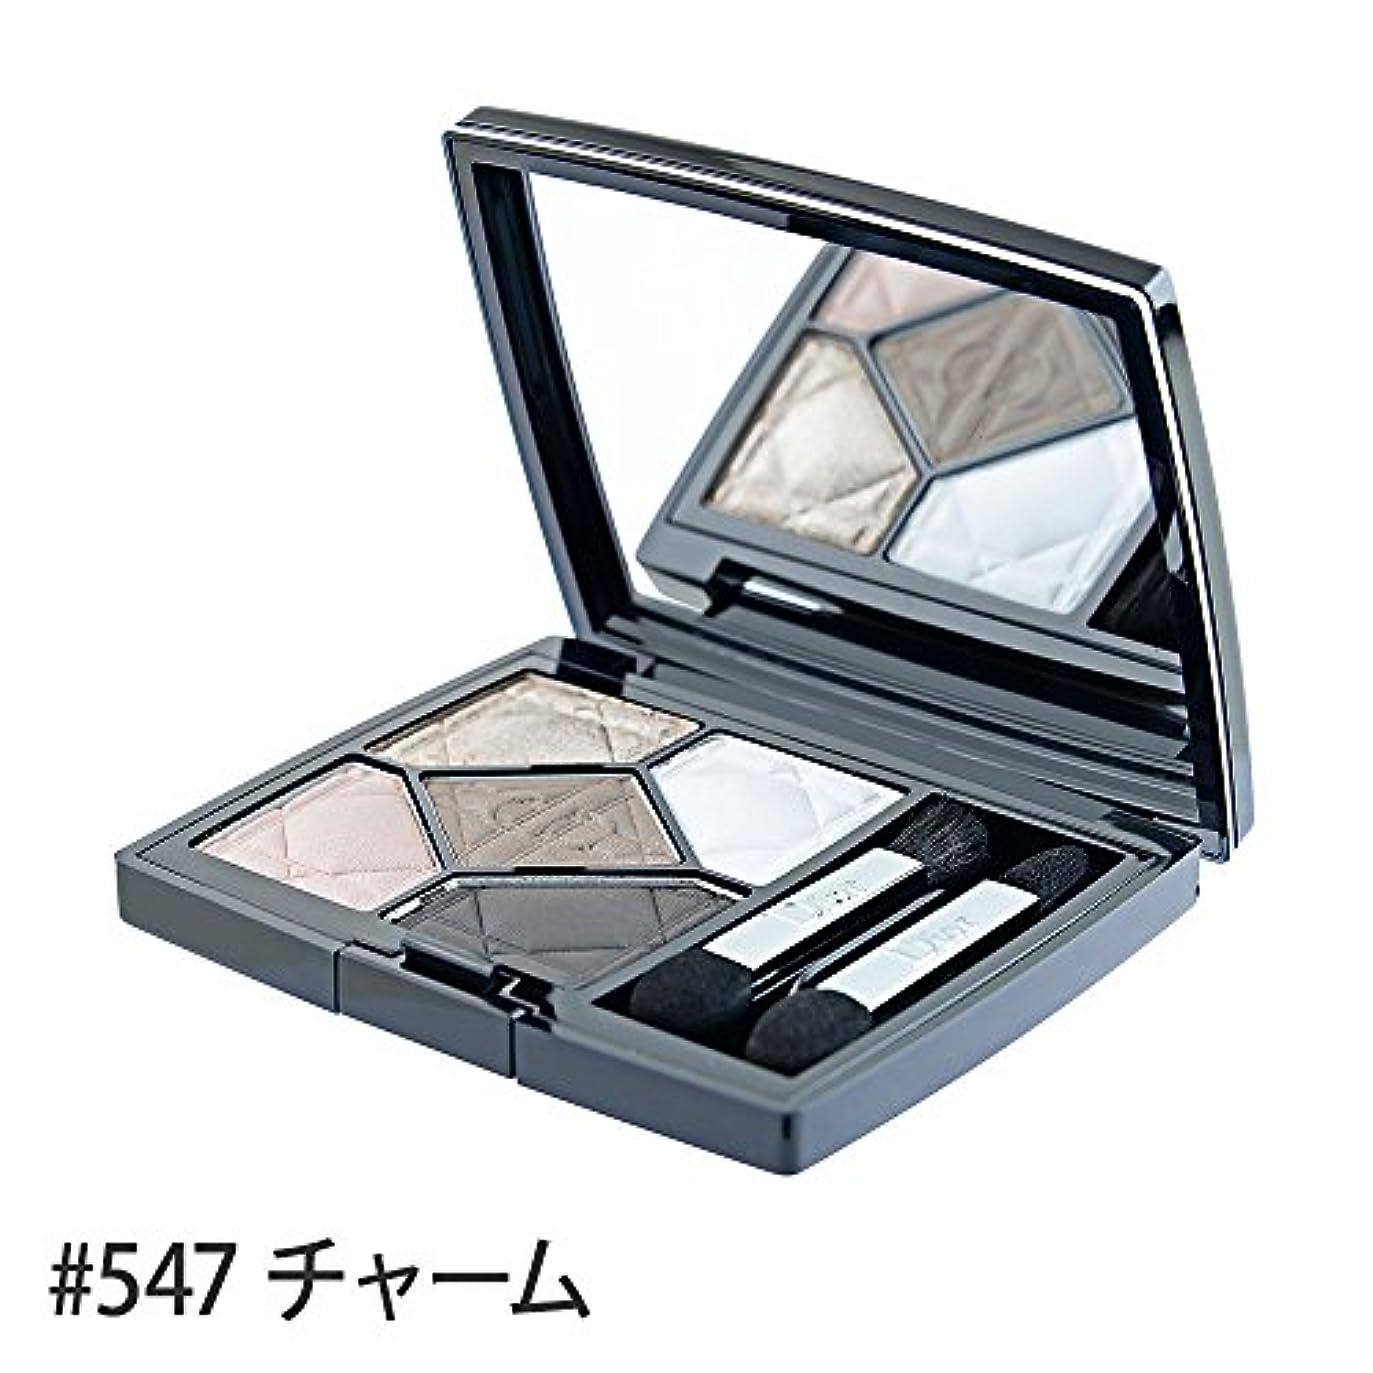 フクロウ船尾藤色ディオール(Dior) サンク クルール #547(チャーム) 6g [並行輸入品]